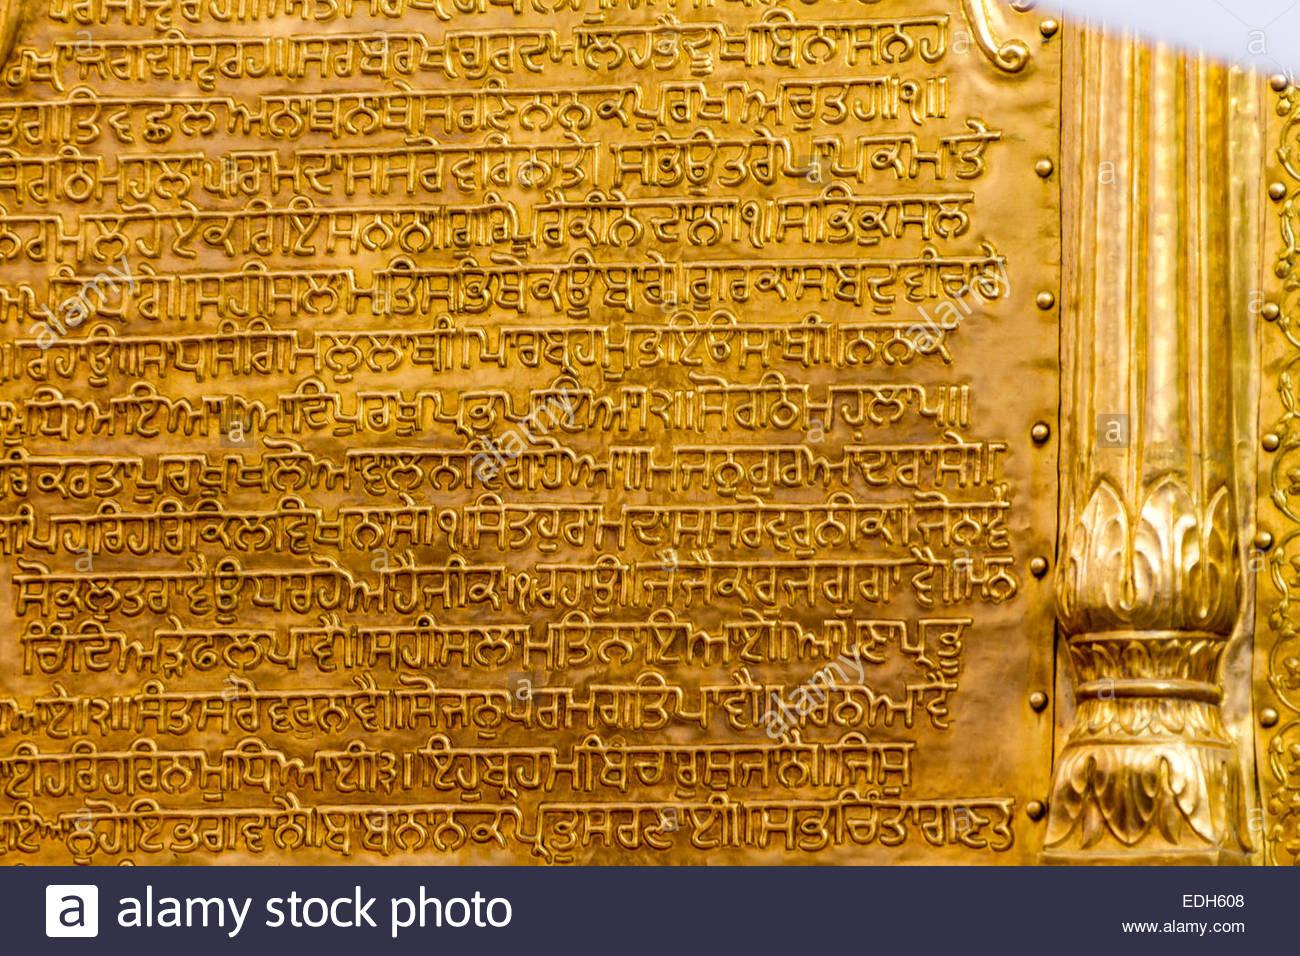 Golden sanscrito al Tempio d'Oro - India - Punjab, Amritsar Immagini Stock